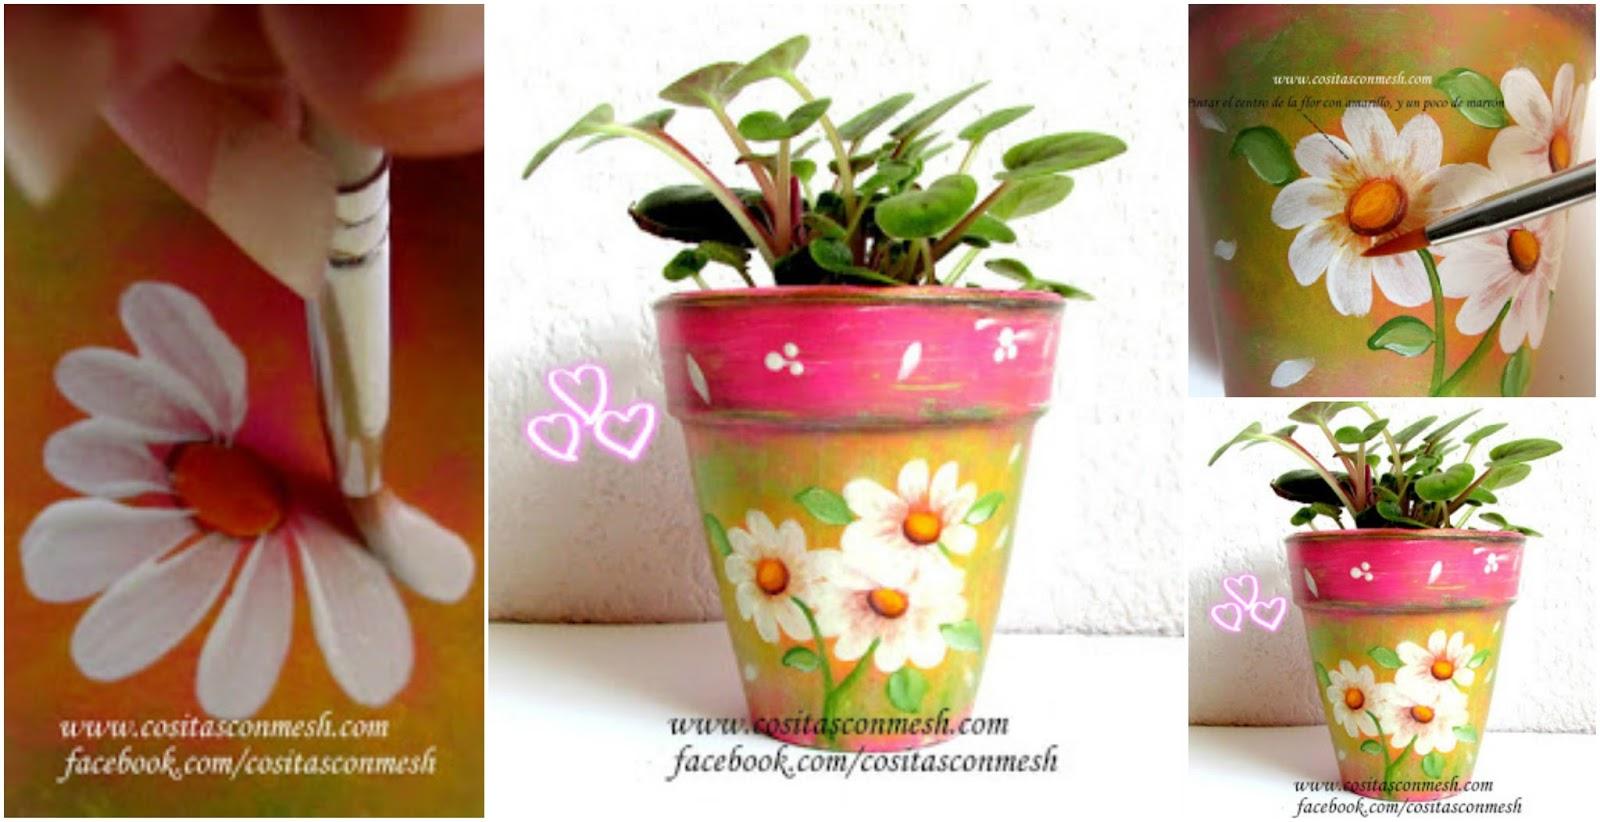 Flores pintadas en macetas paso a paso cositasconmesh - Como cuidar hortensias en maceta ...